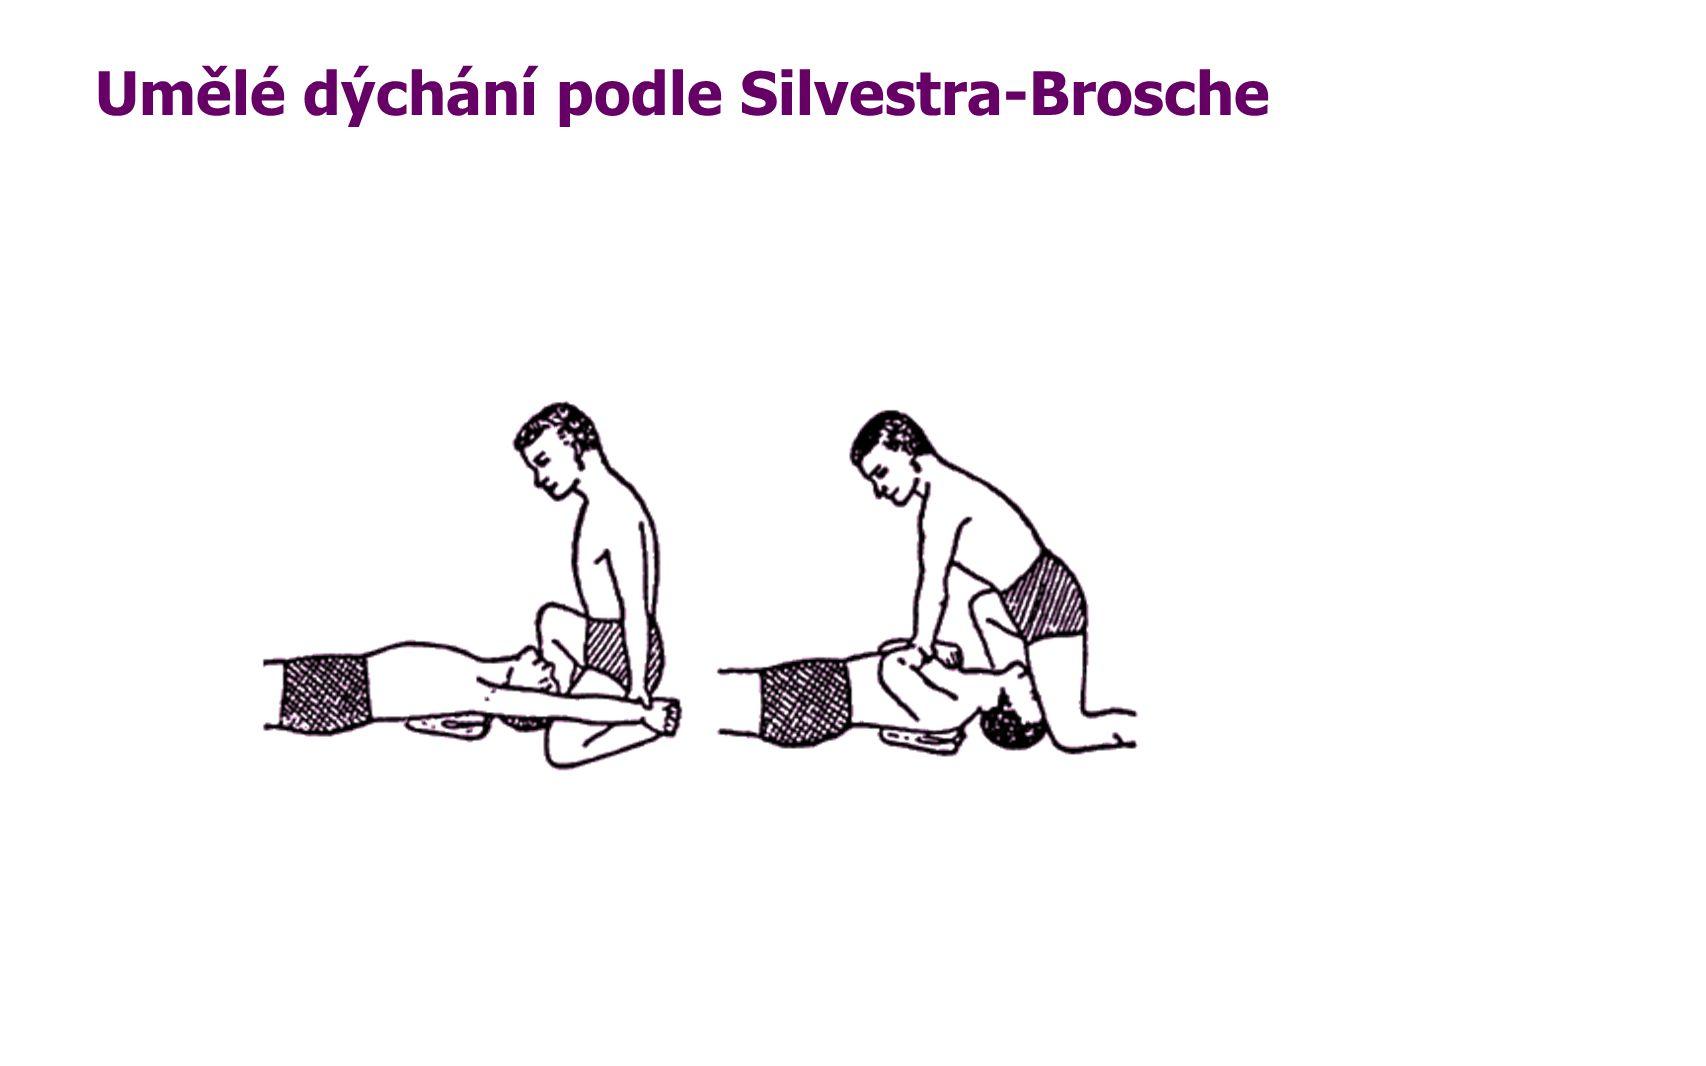 Umělé dýchání podle Silvestra-Brosche